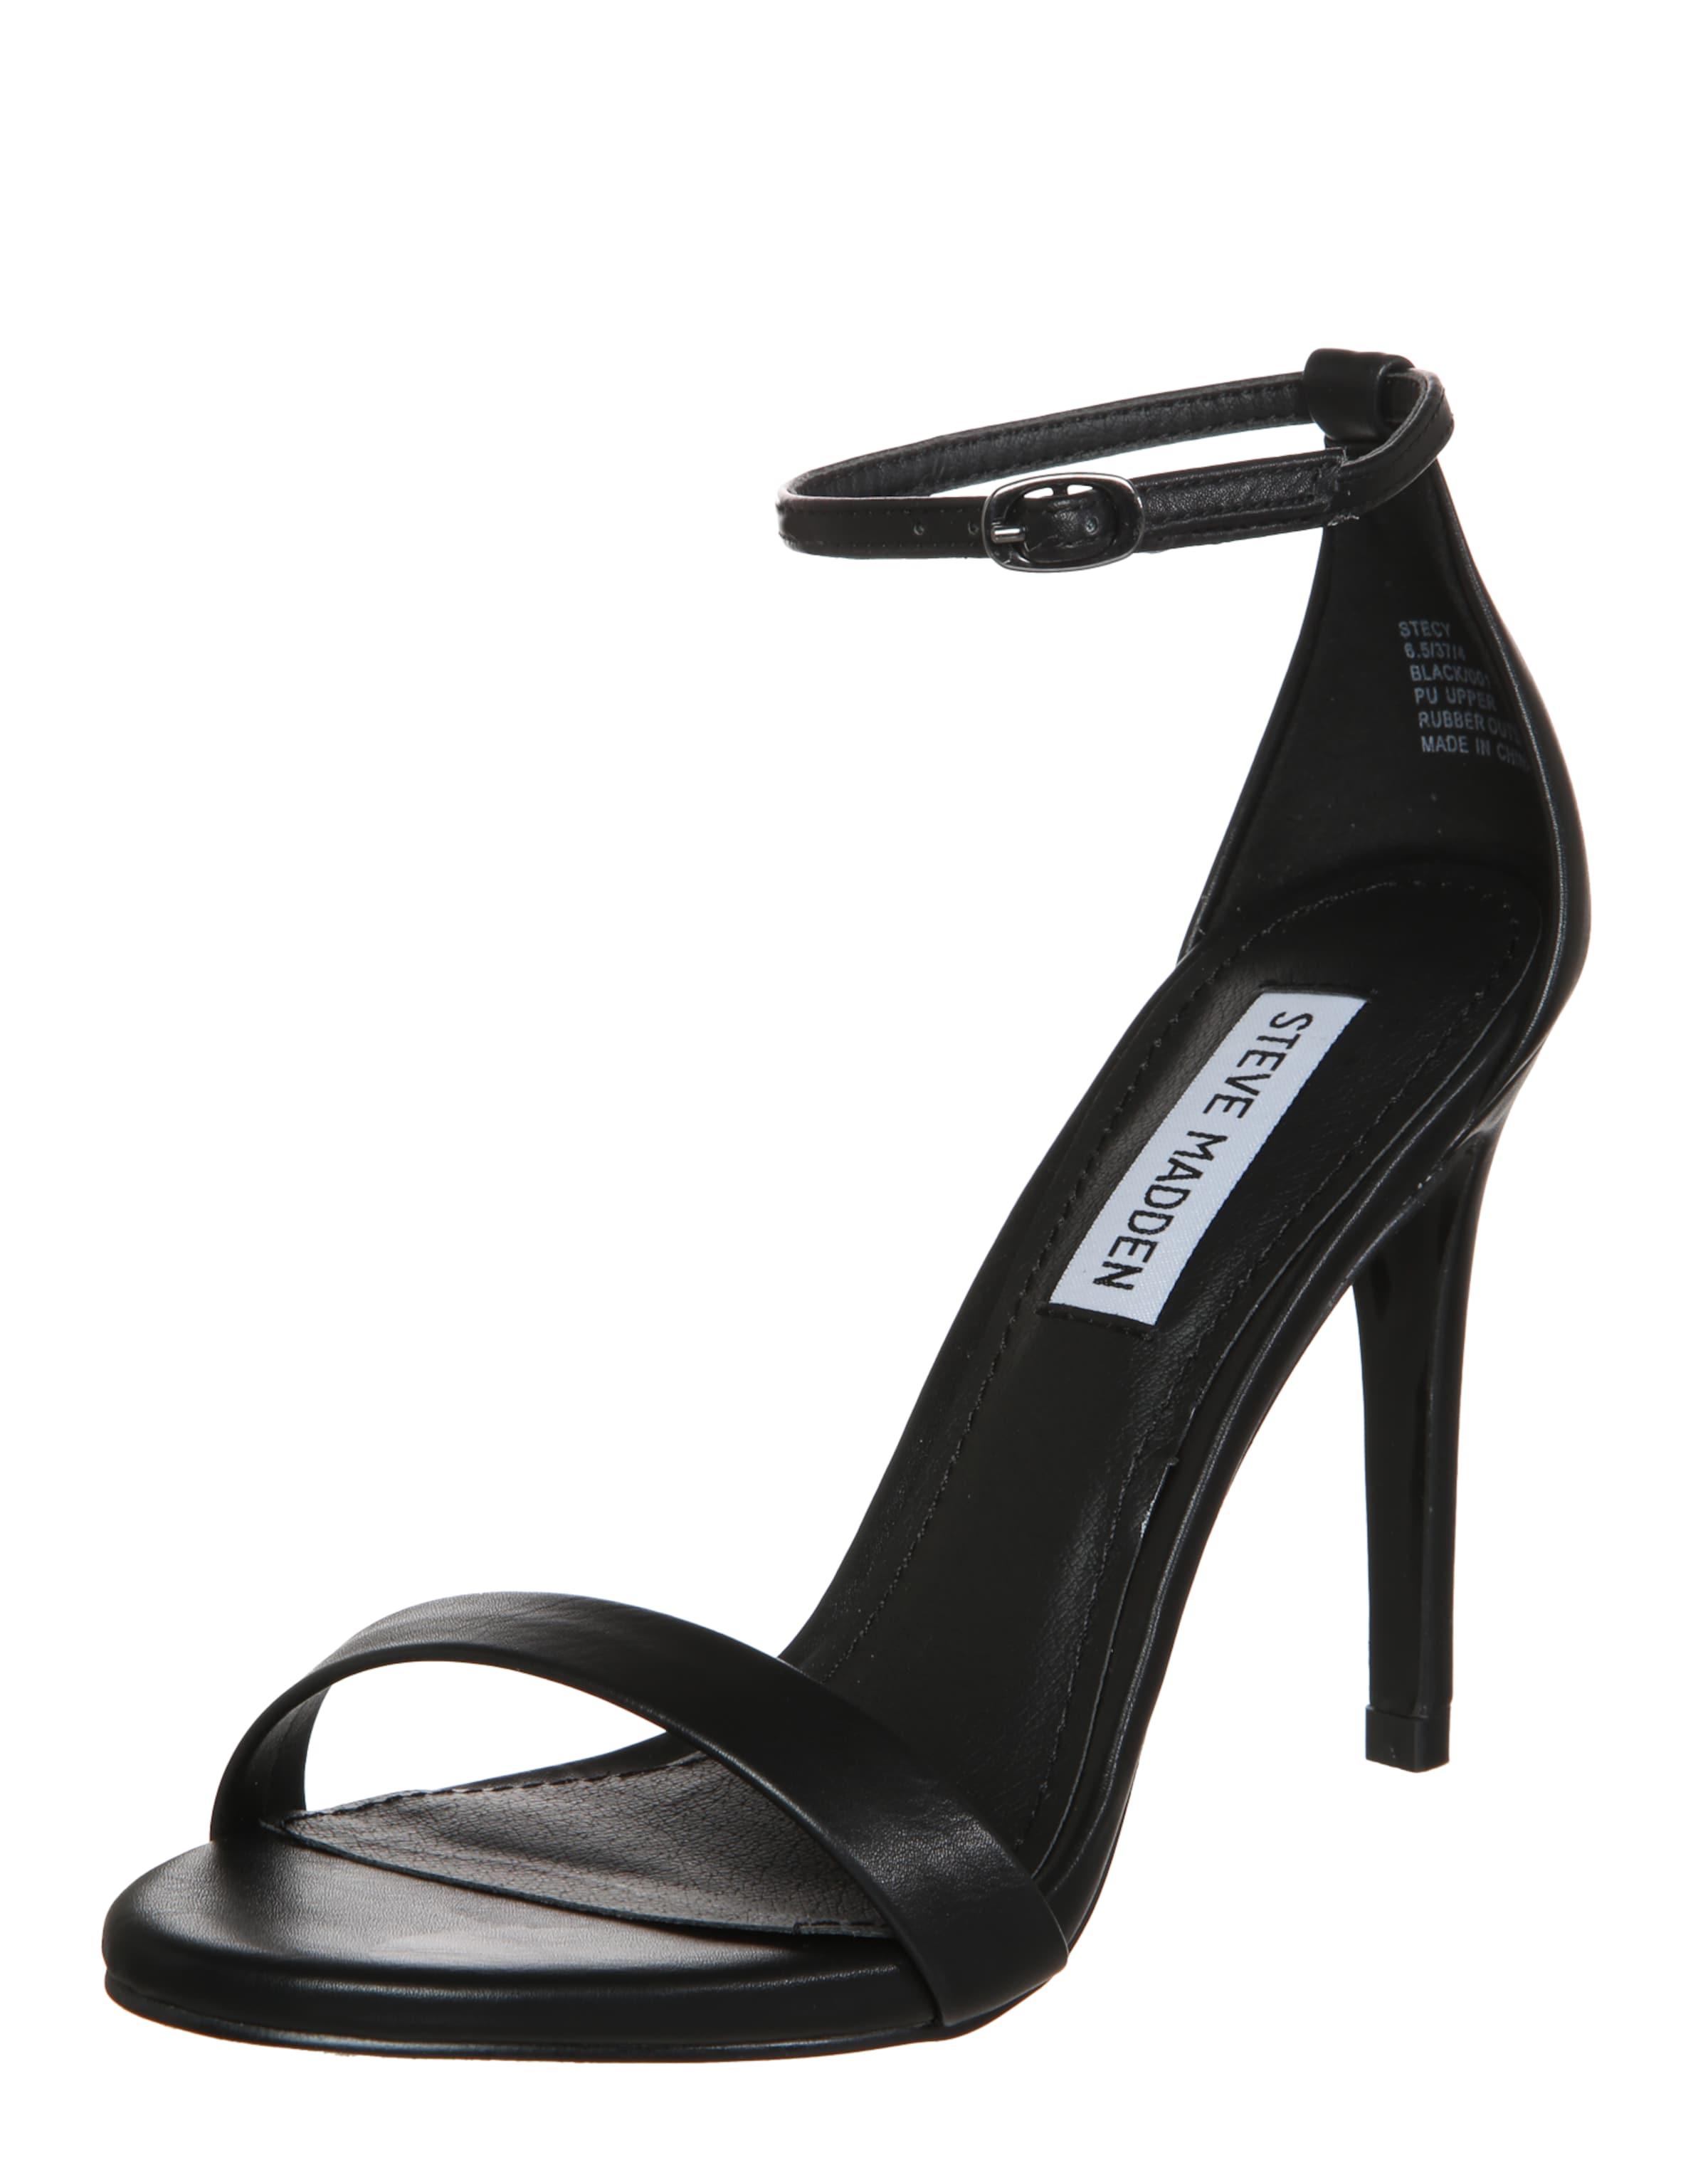 STEVE MADDEN Stiletto-Sandale in Lackoptik  Stecy